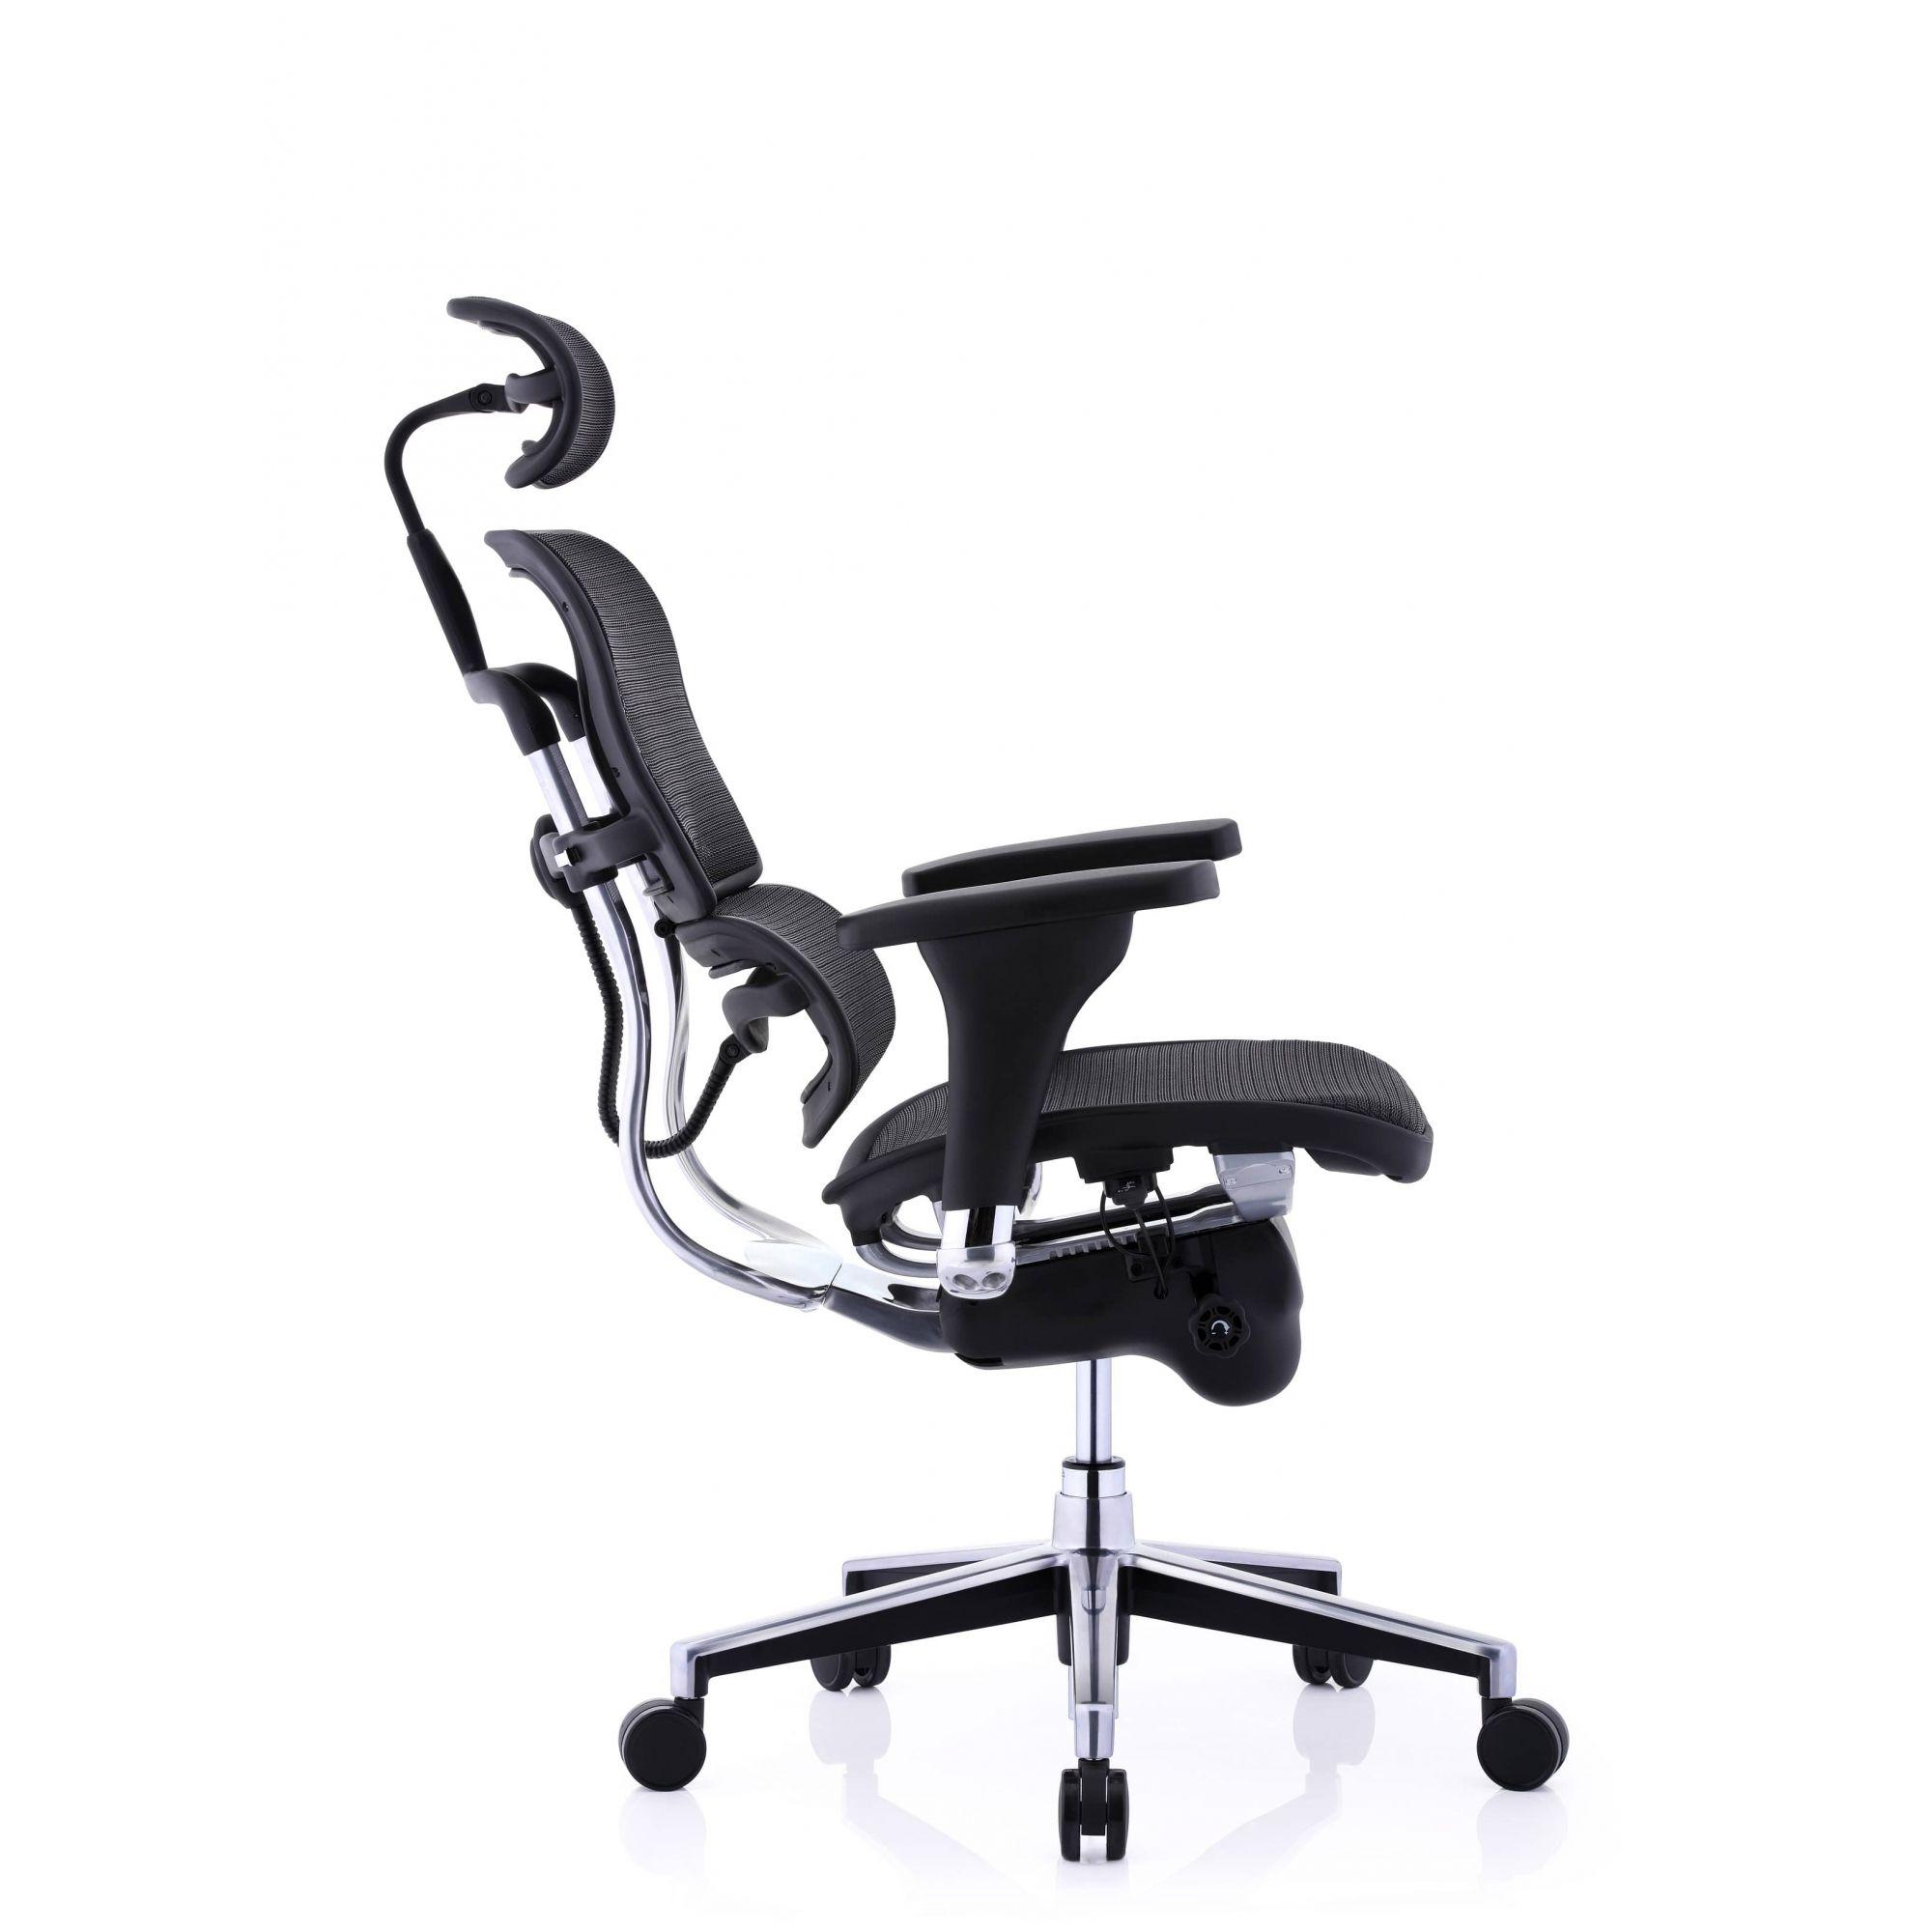 Cadeira Raynor Eurotech Ergochair V2 2020 Plus Elite Giratoria Ergonomica Diretor Presidente em Tela Mesh Preta - Moln Design Furniture